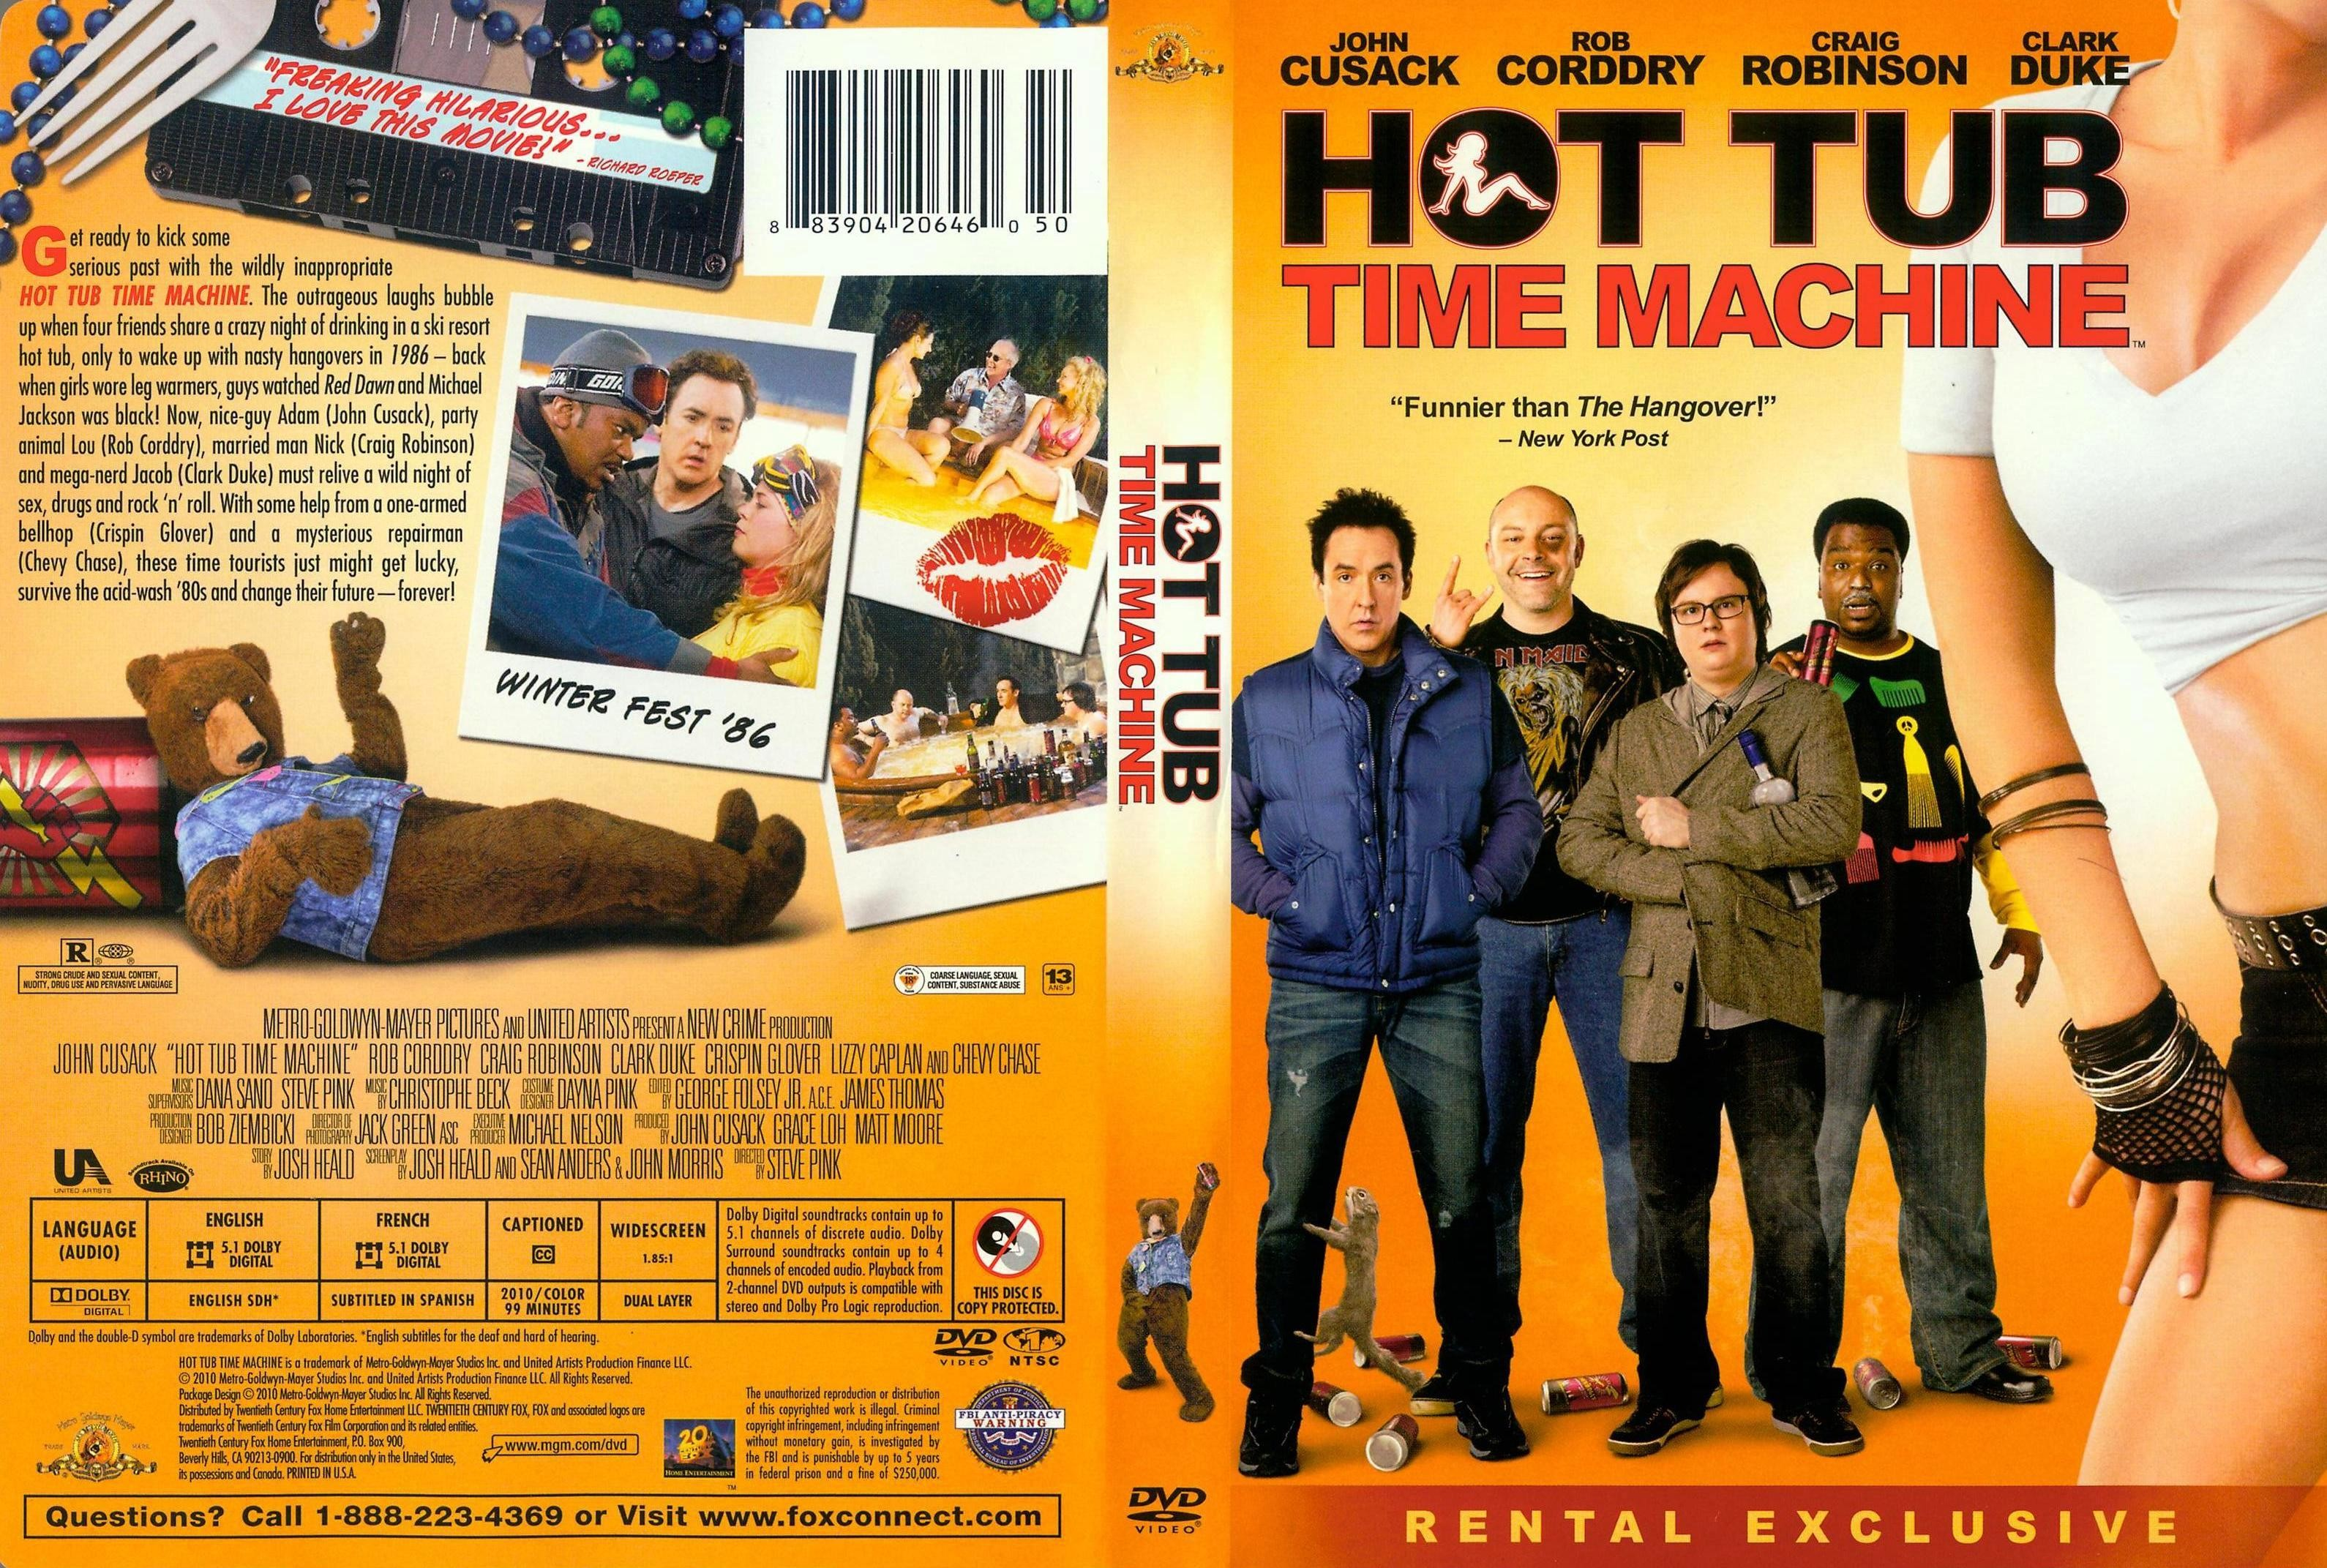 tub time machine cincinnati box